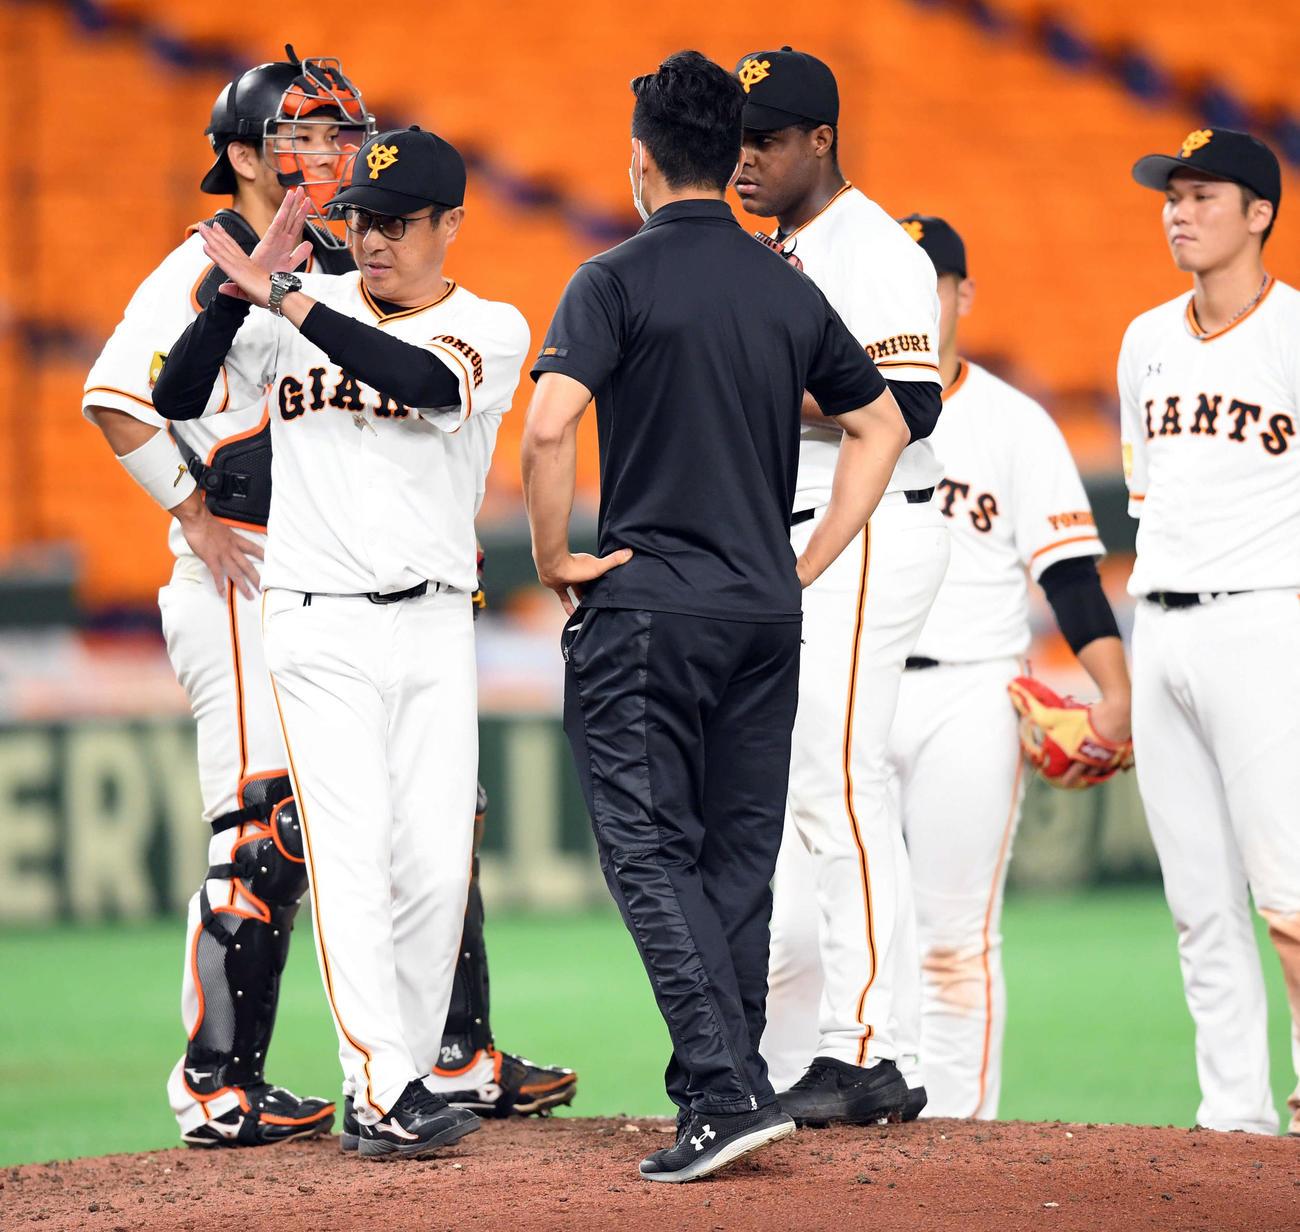 20年7月5日 宮本和知コーチが「×マーク」を出して交代した巨人デラロサ